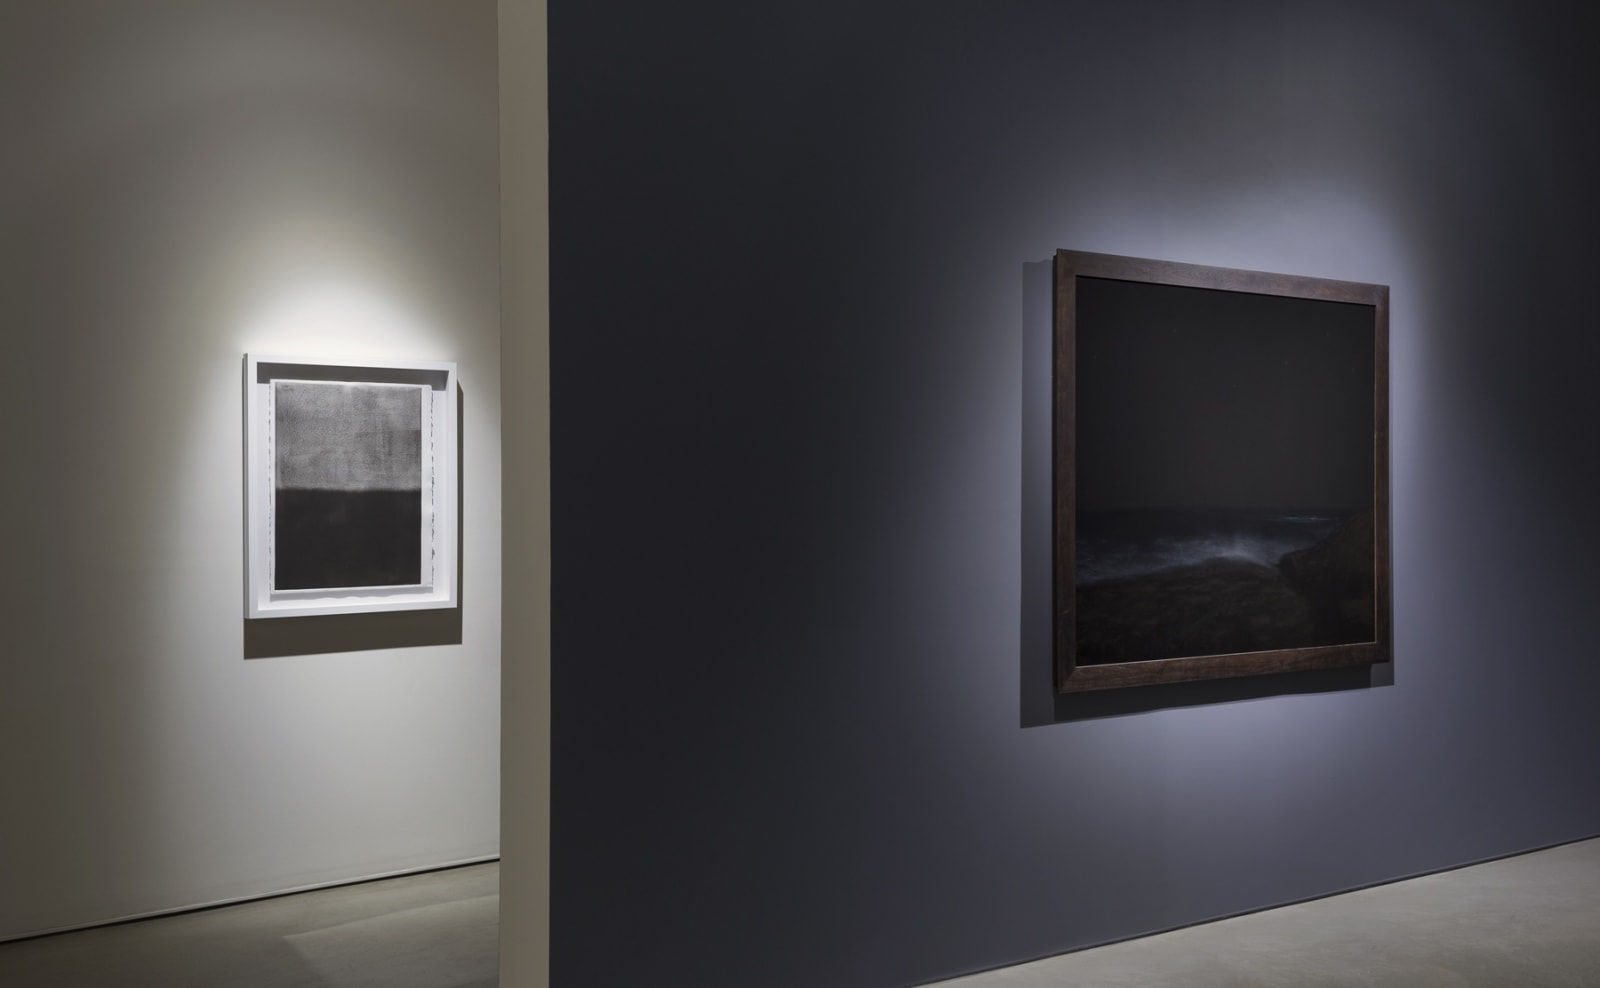 Peter Halasz | Silence